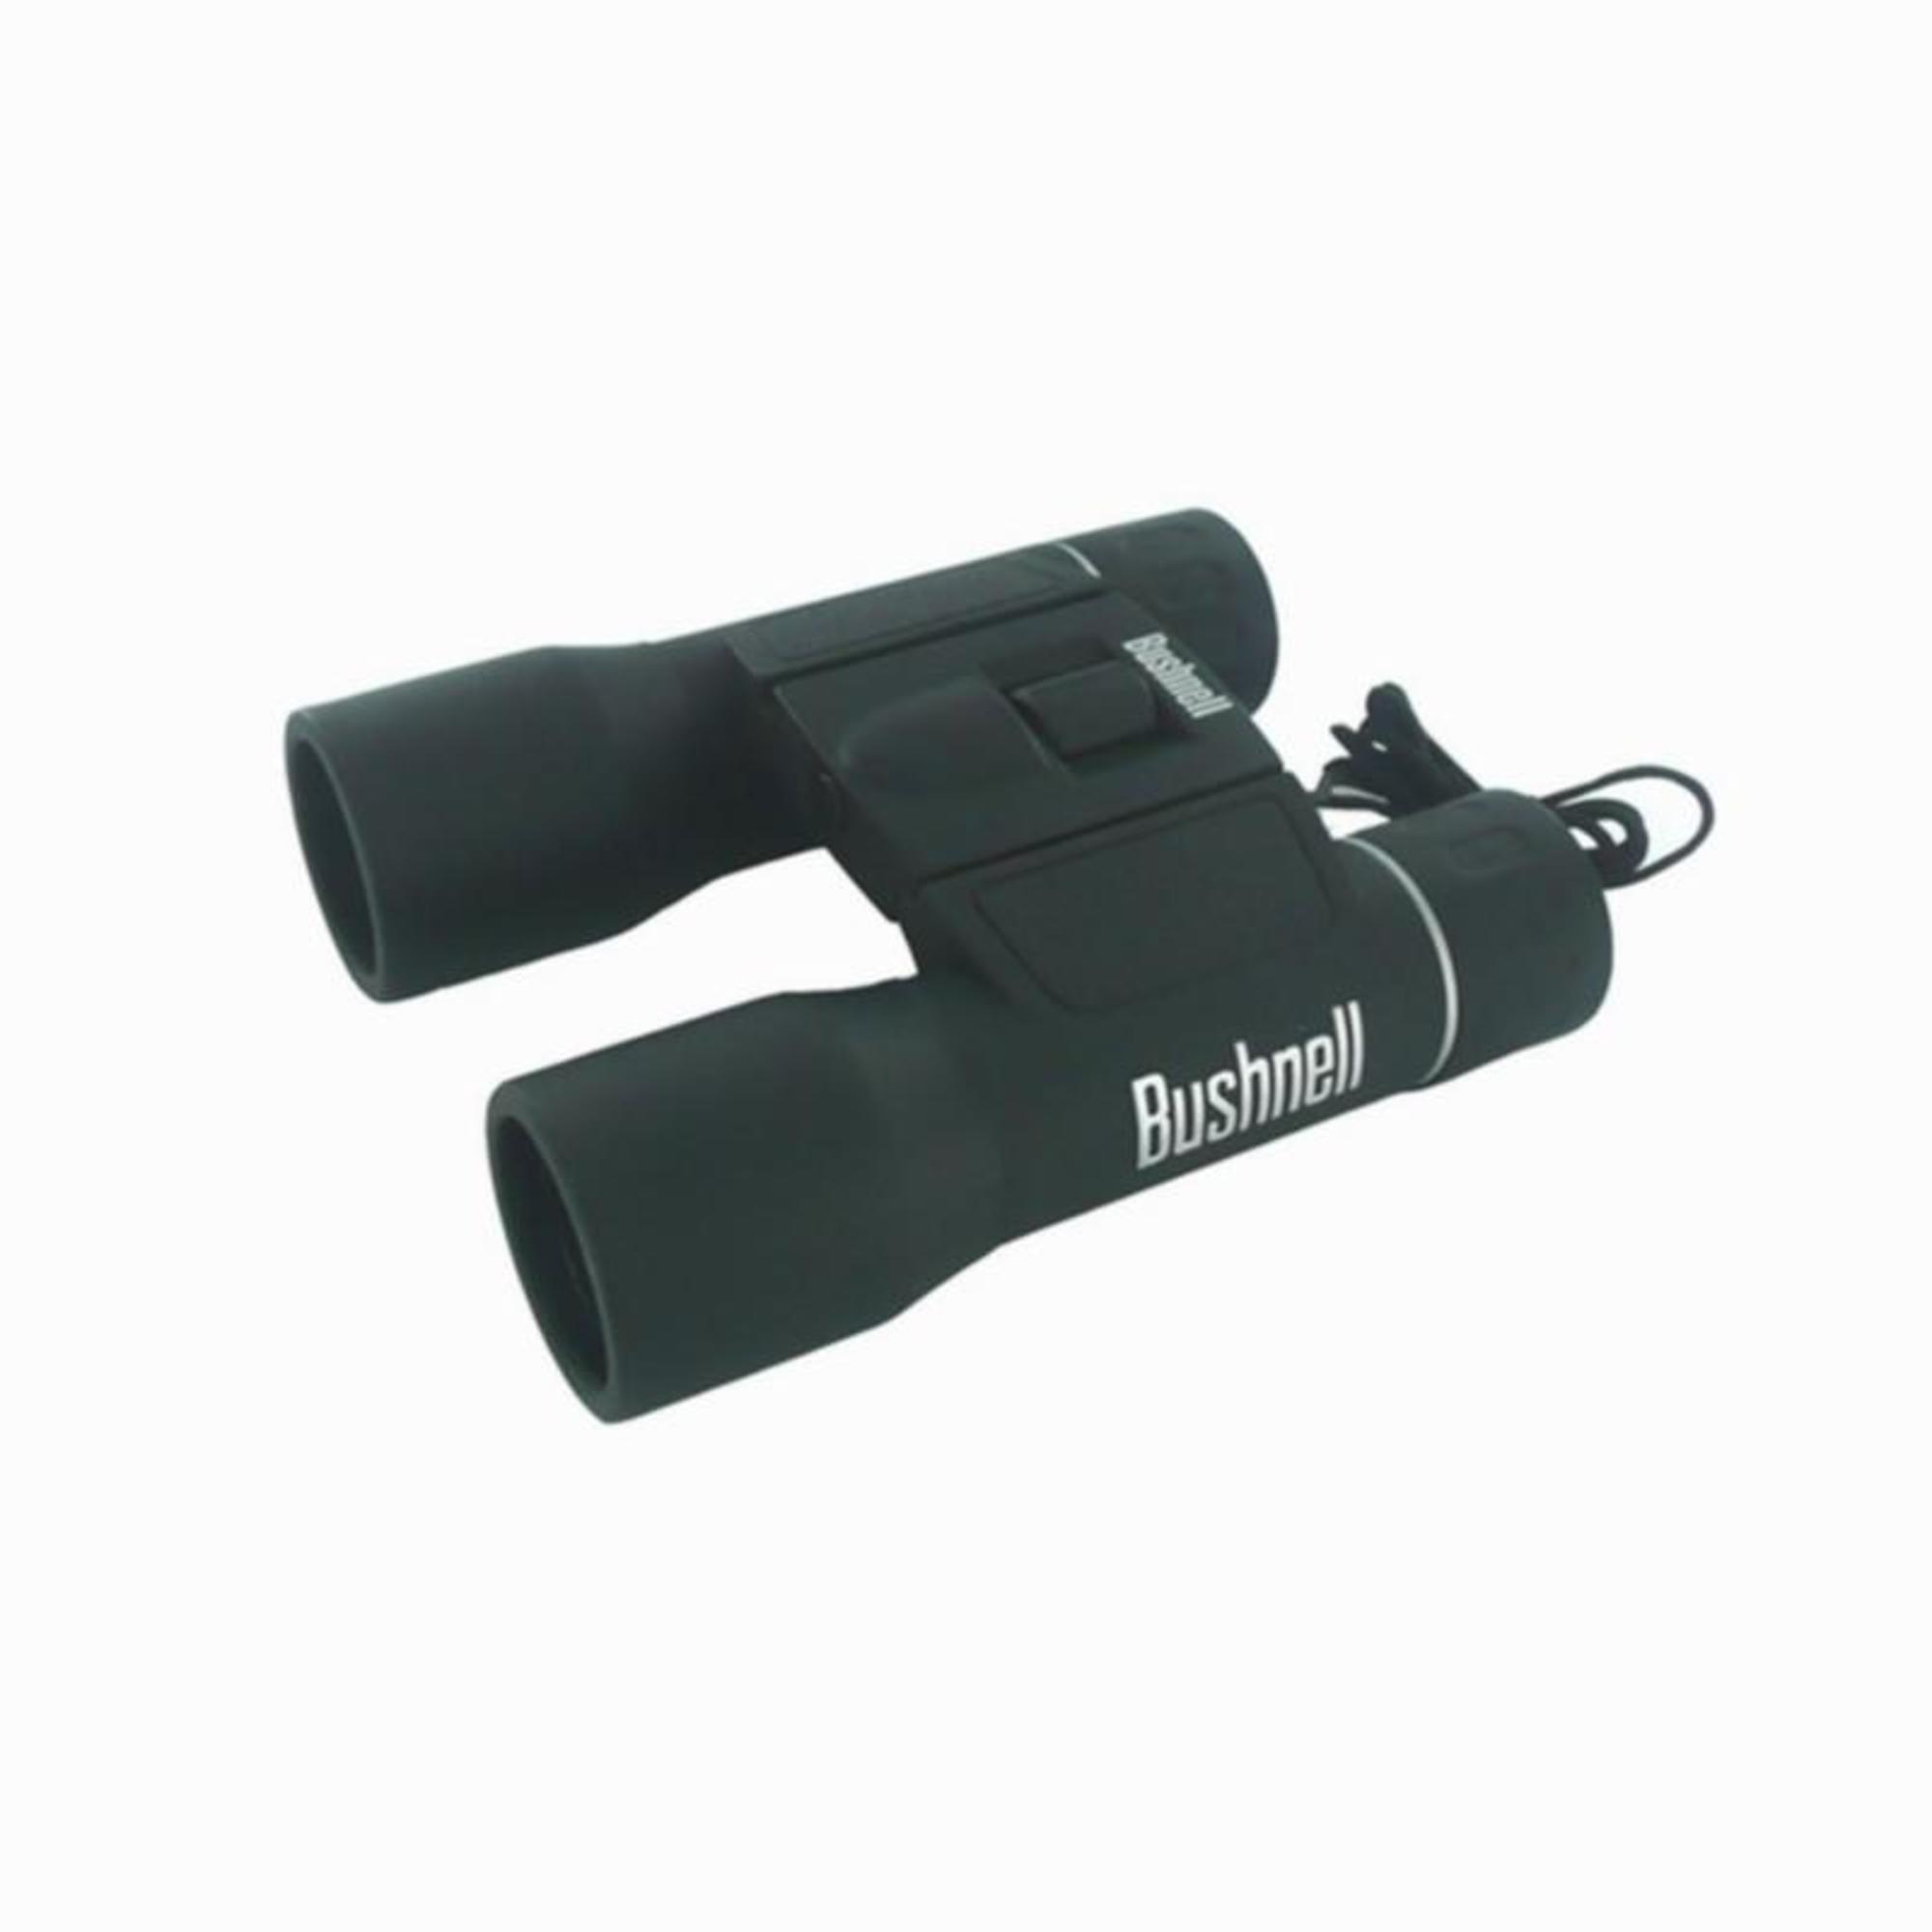 Jumelles randonnée adulte BUSHNELL POWERVIEW grossissement x12 noires - Bushnell